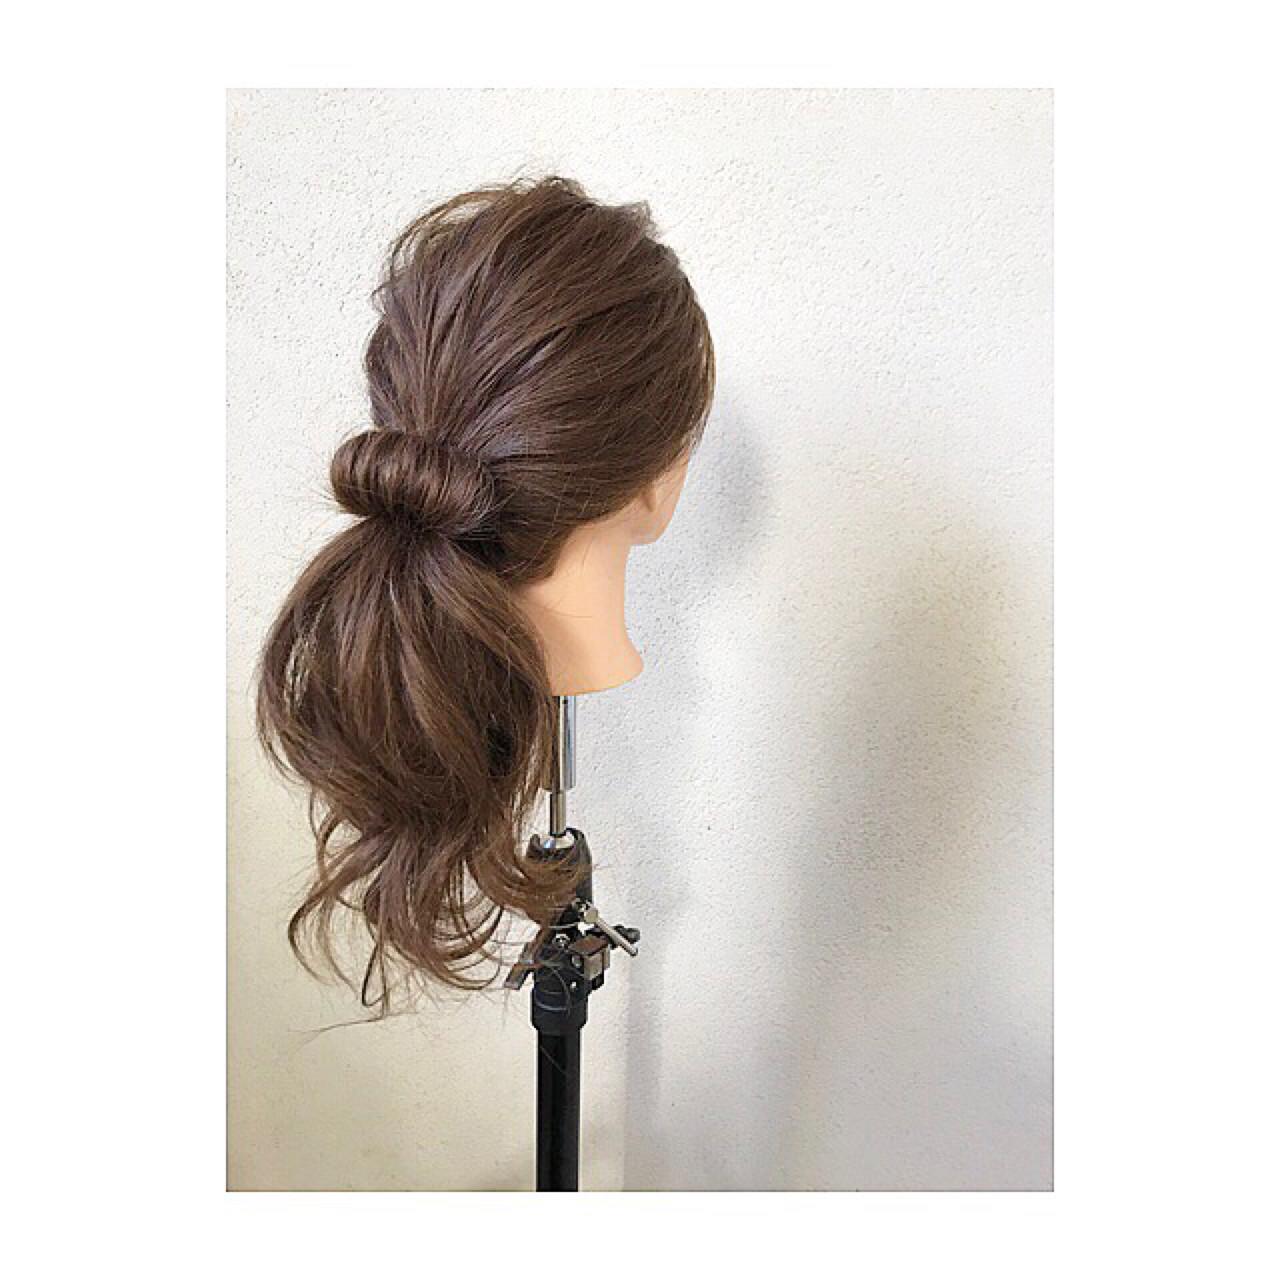 きれいなお姉さんスタイル♪ドーナツポニー オグラタカヒロ | HAIR RESORT THE AMAN GIRL